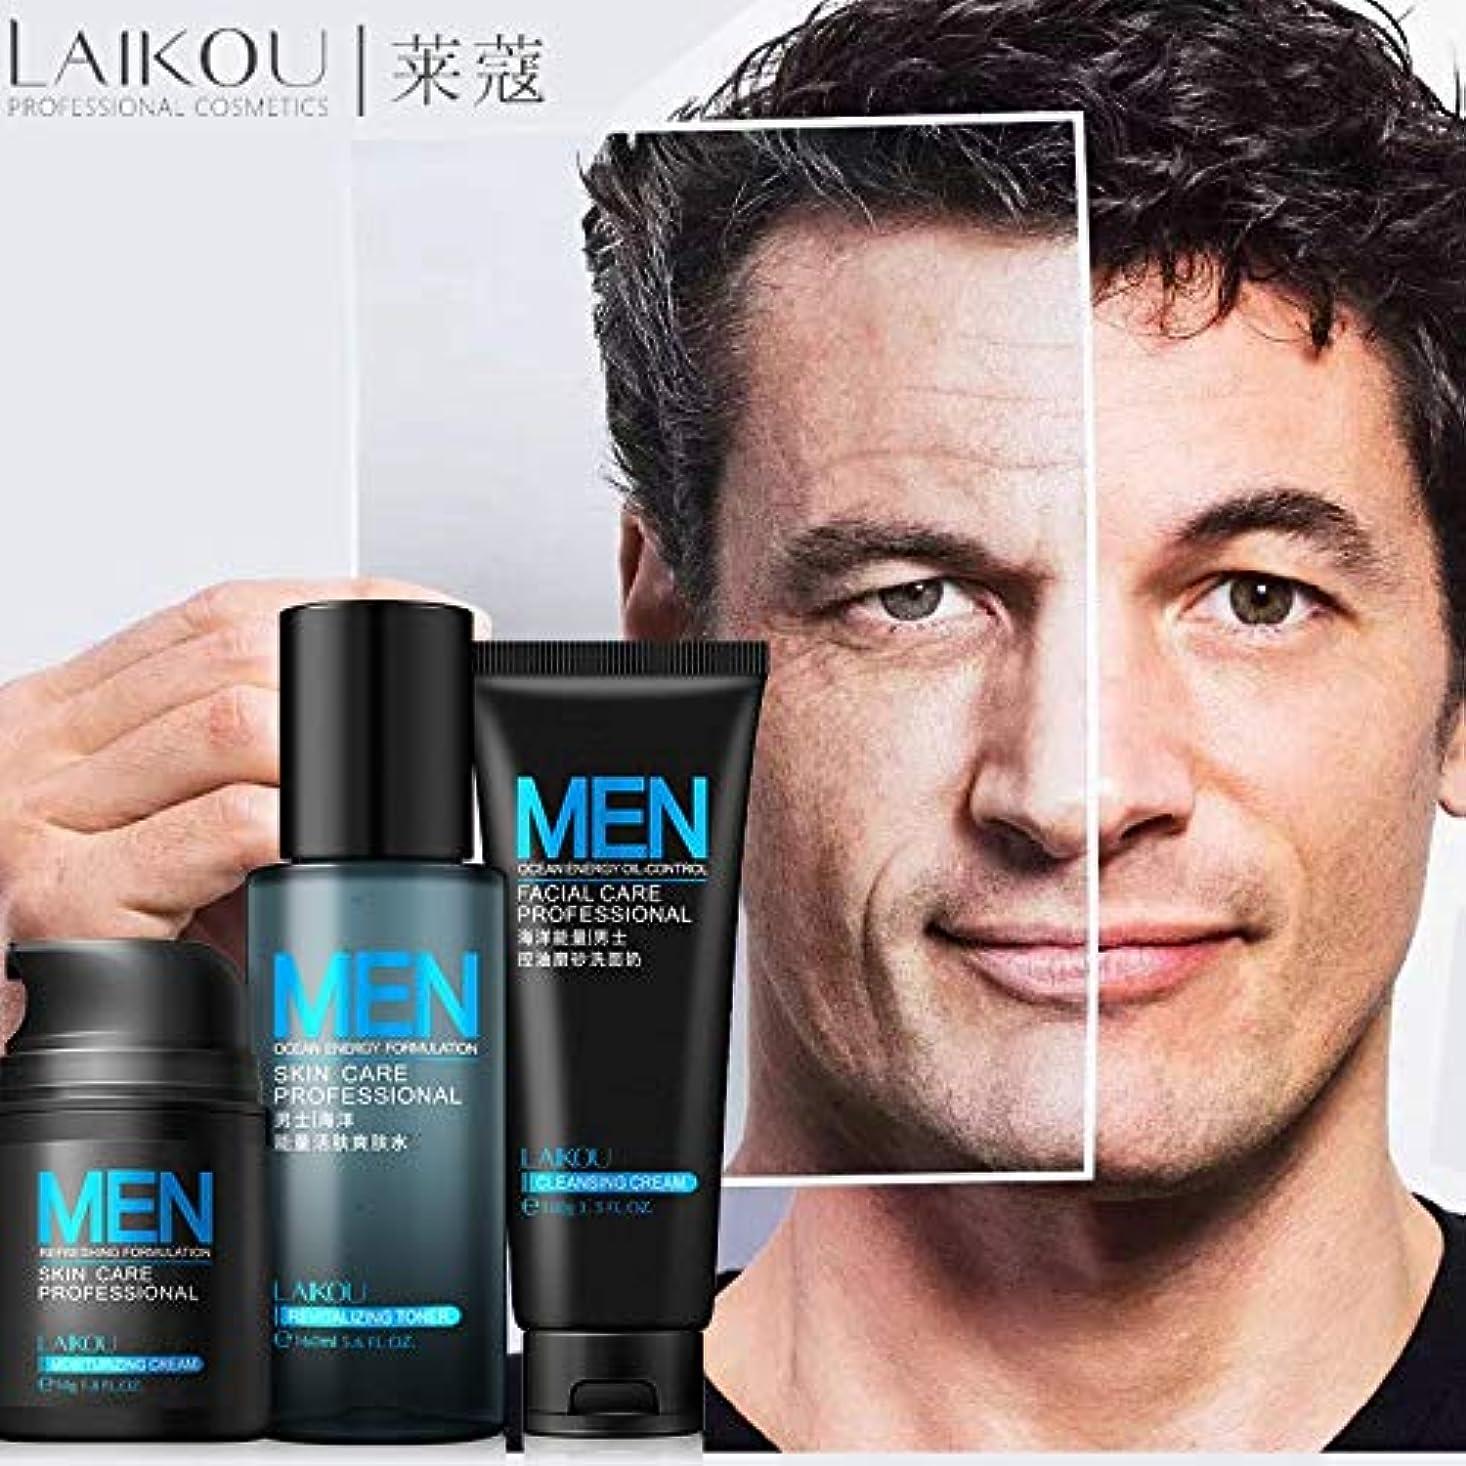 空虚指紋感情の男性の3pcs / lotのClserトナークリーム保湿オイルコントロール毛穴アンチリンクルフェイスケアを縮小するために毎日のケアセット